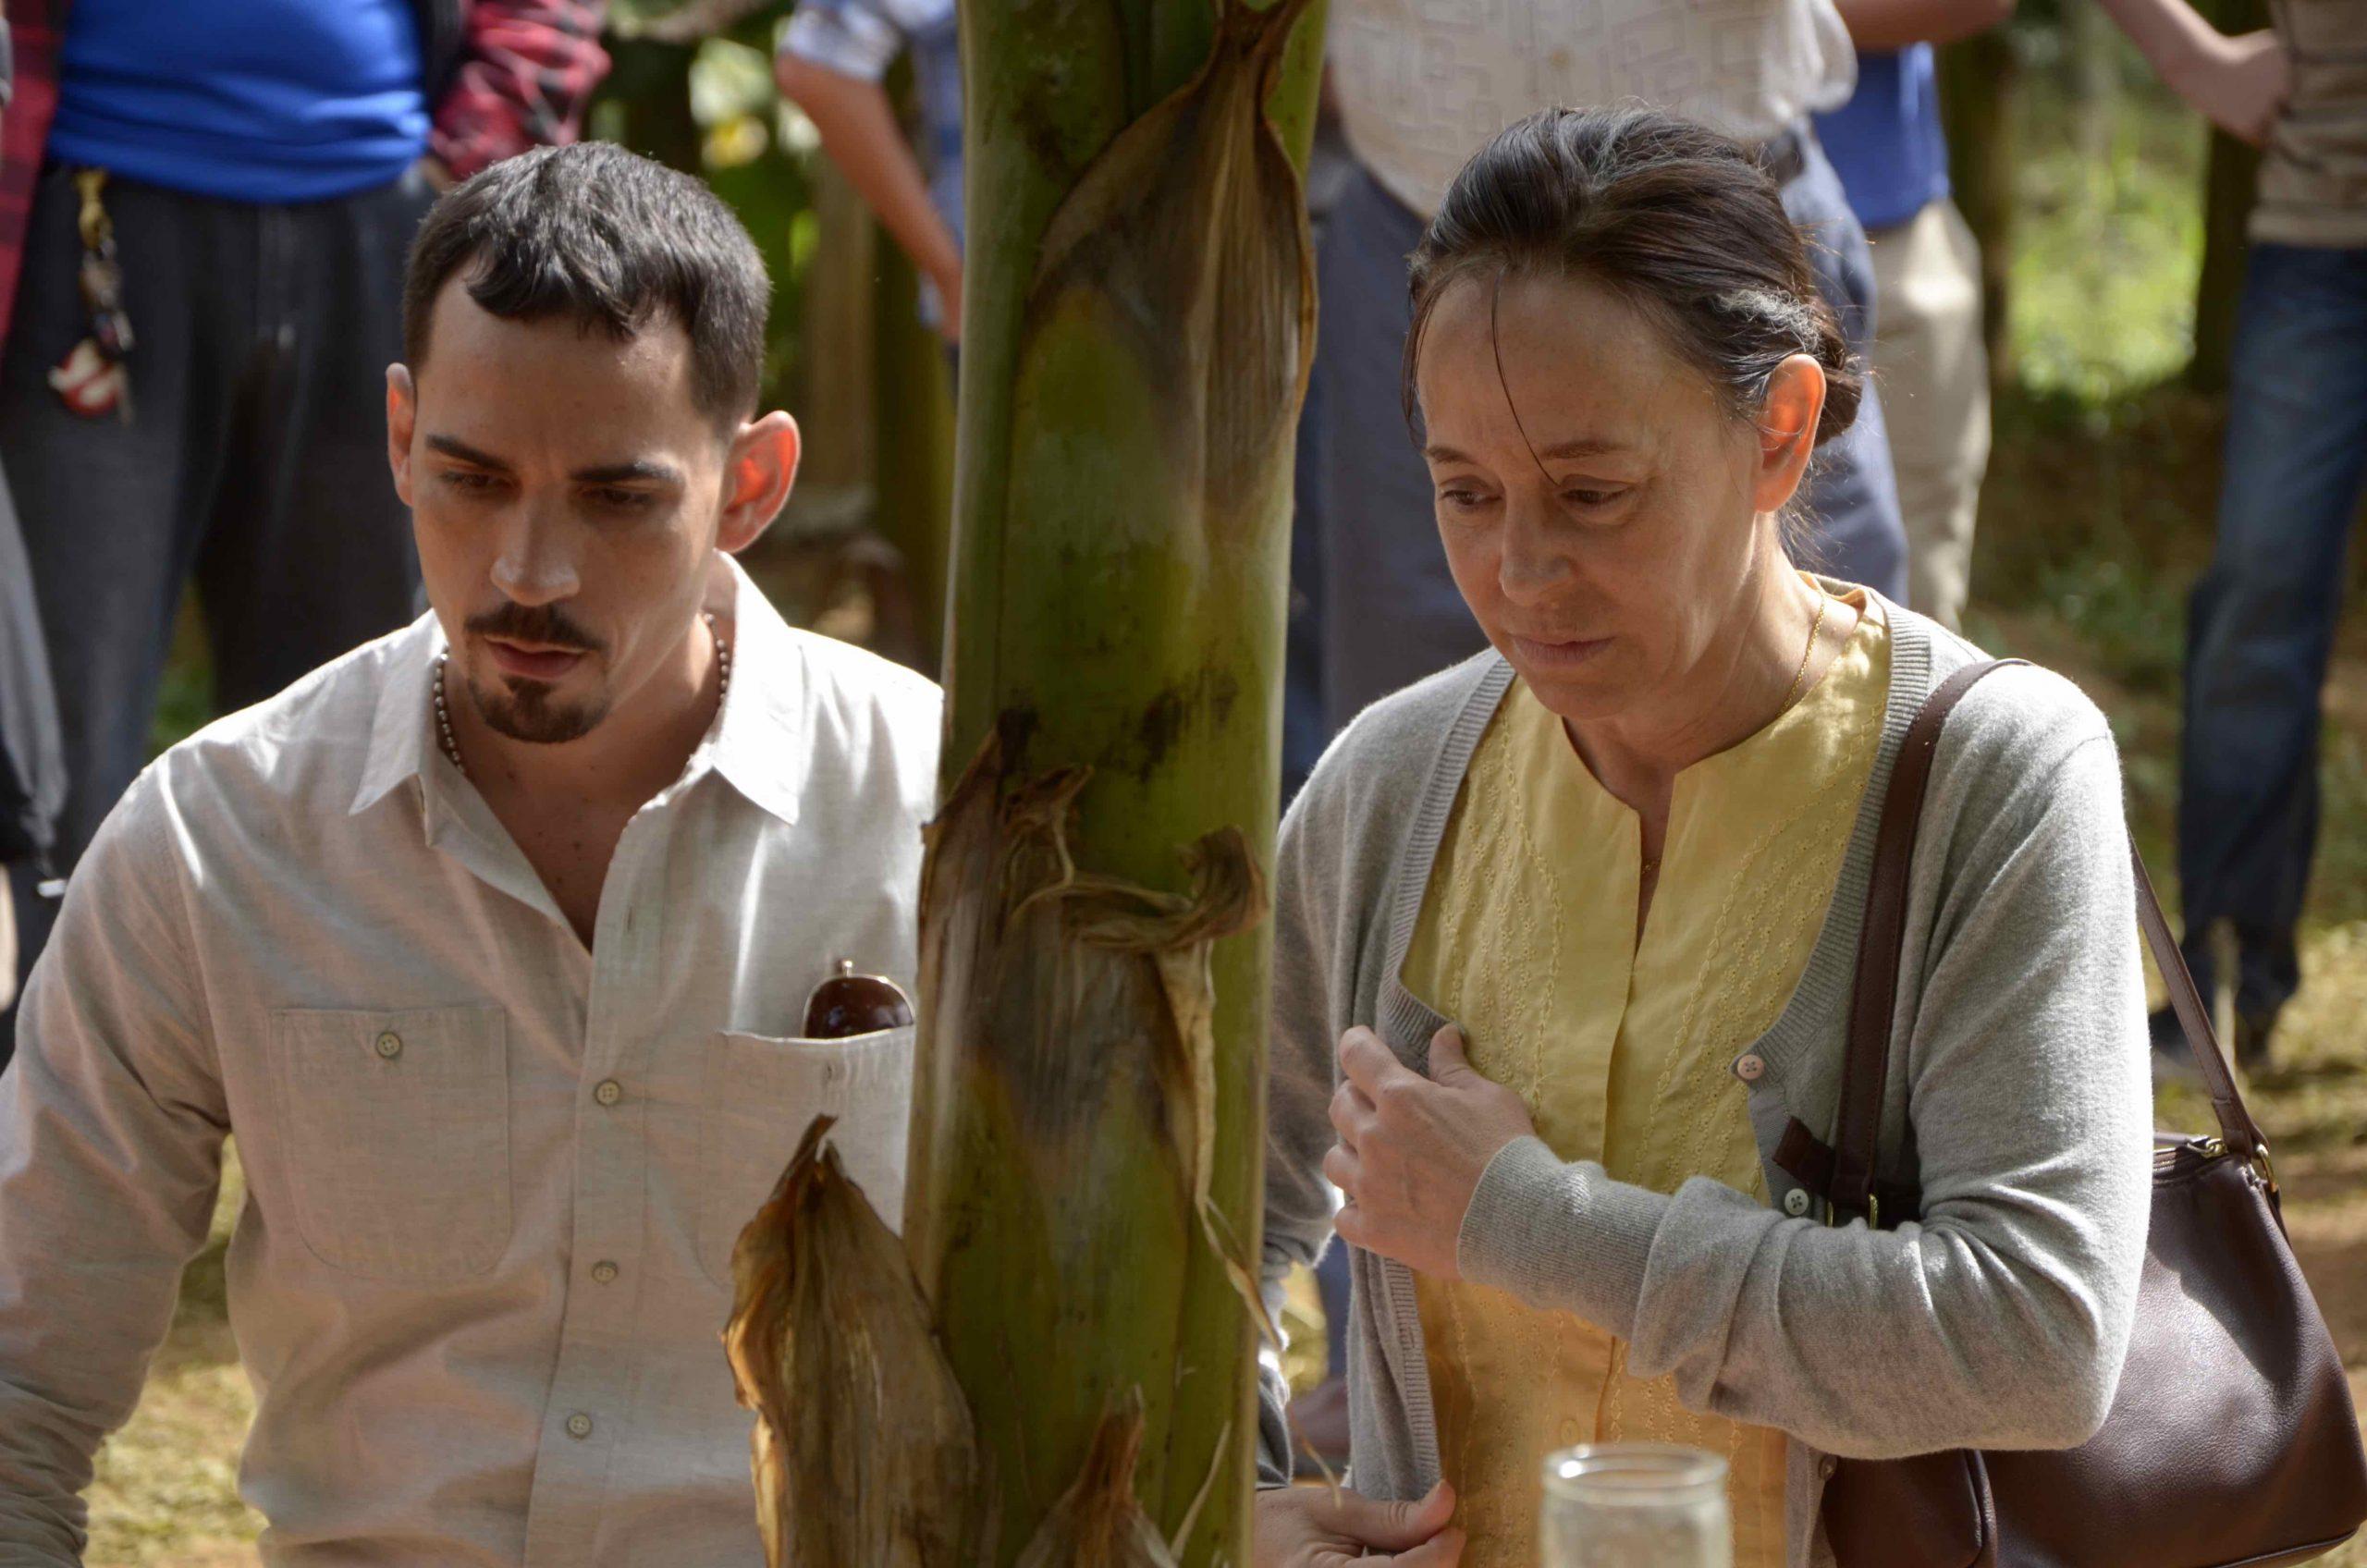 Jose Eugenio Hernández, aquí en una escena del filme con Cordelia González, expresa optimismo ante esta producción. (Foto sumnistrada)